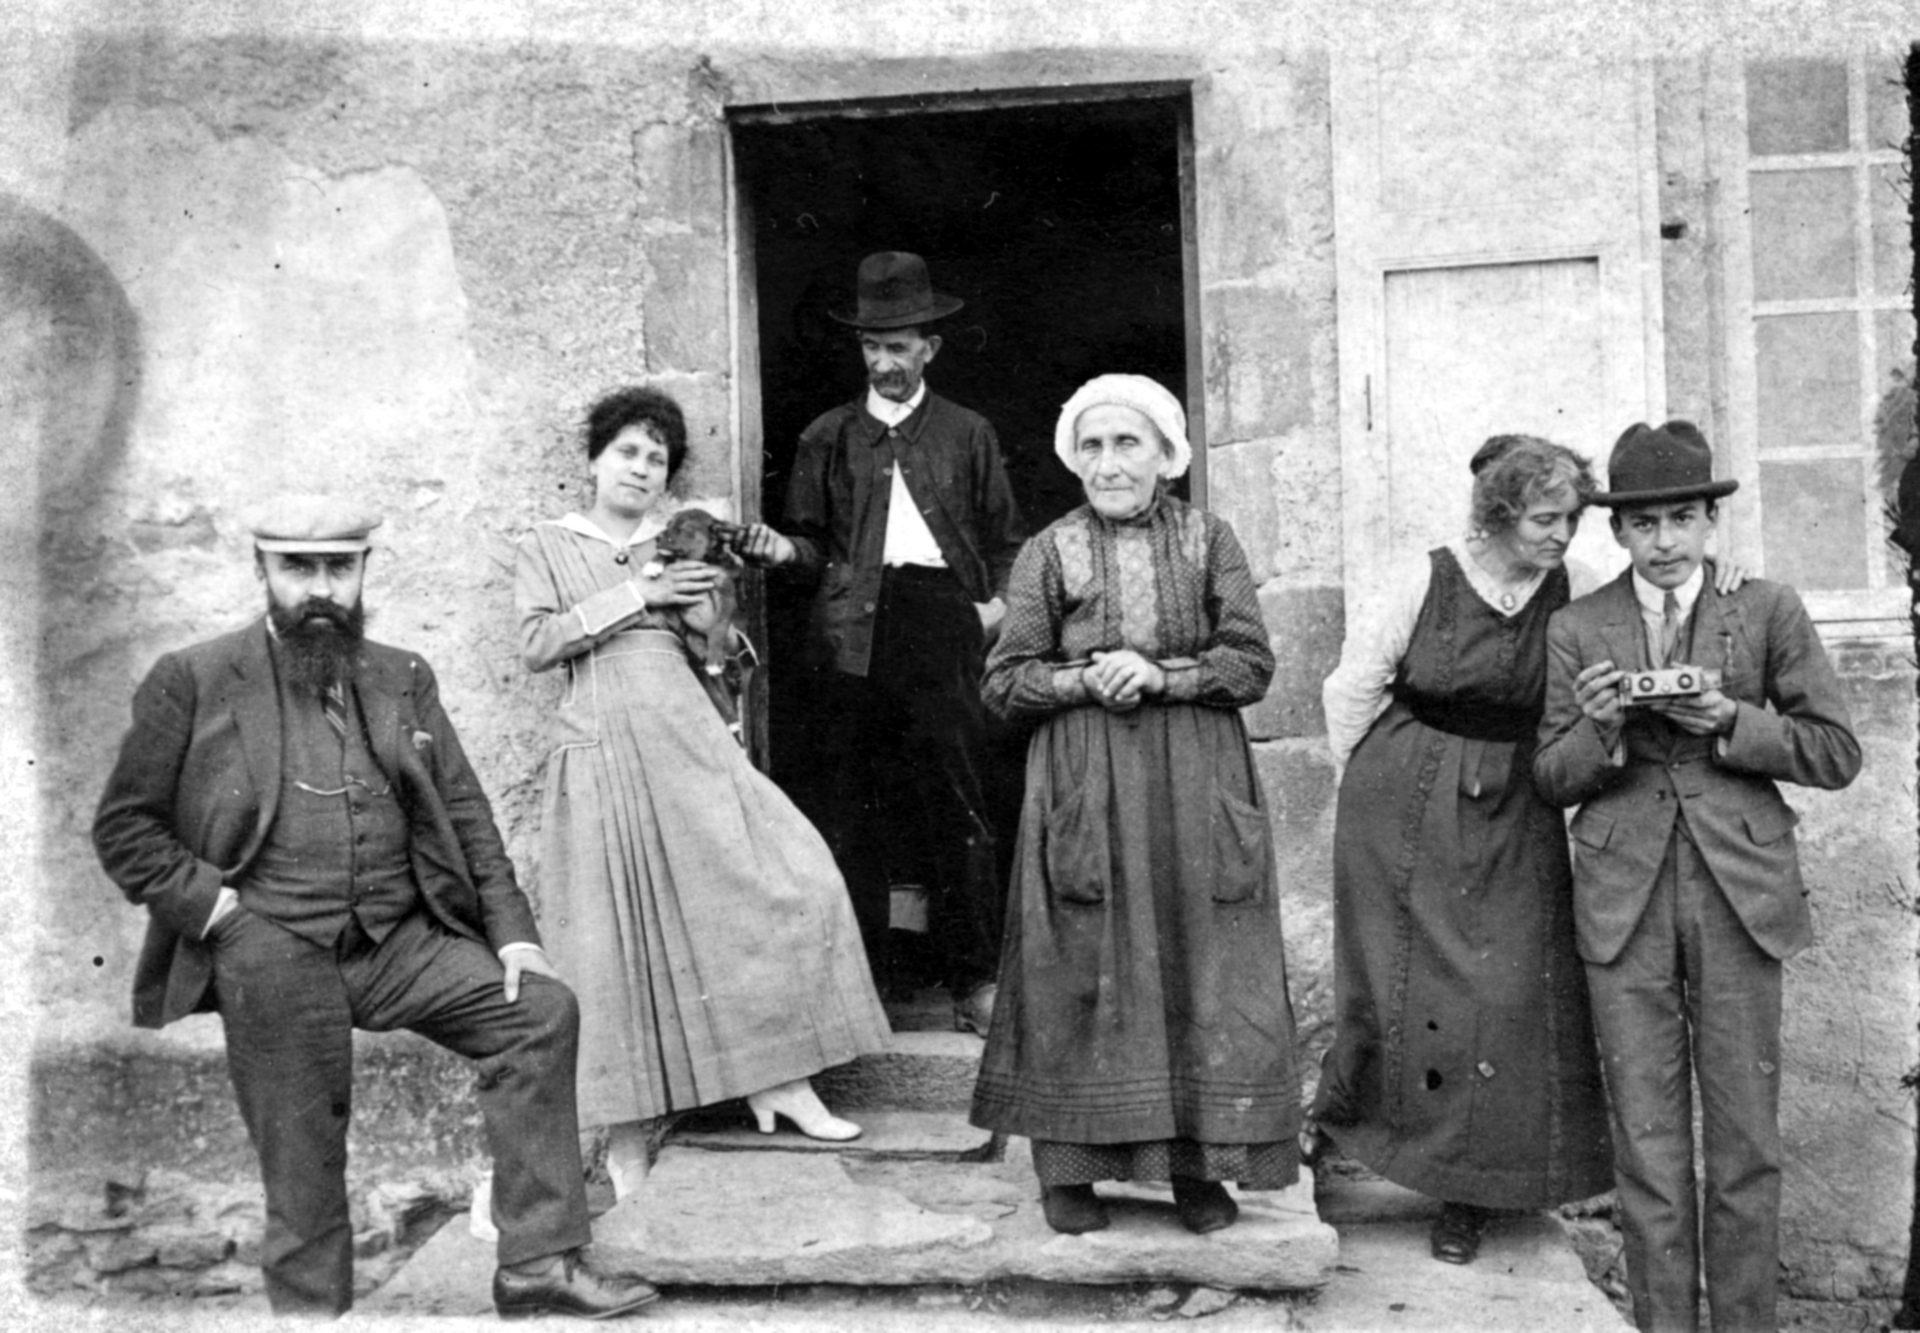 Groupe de personnes devant une maison en compagnie d'Alexandre Varenne à gauche